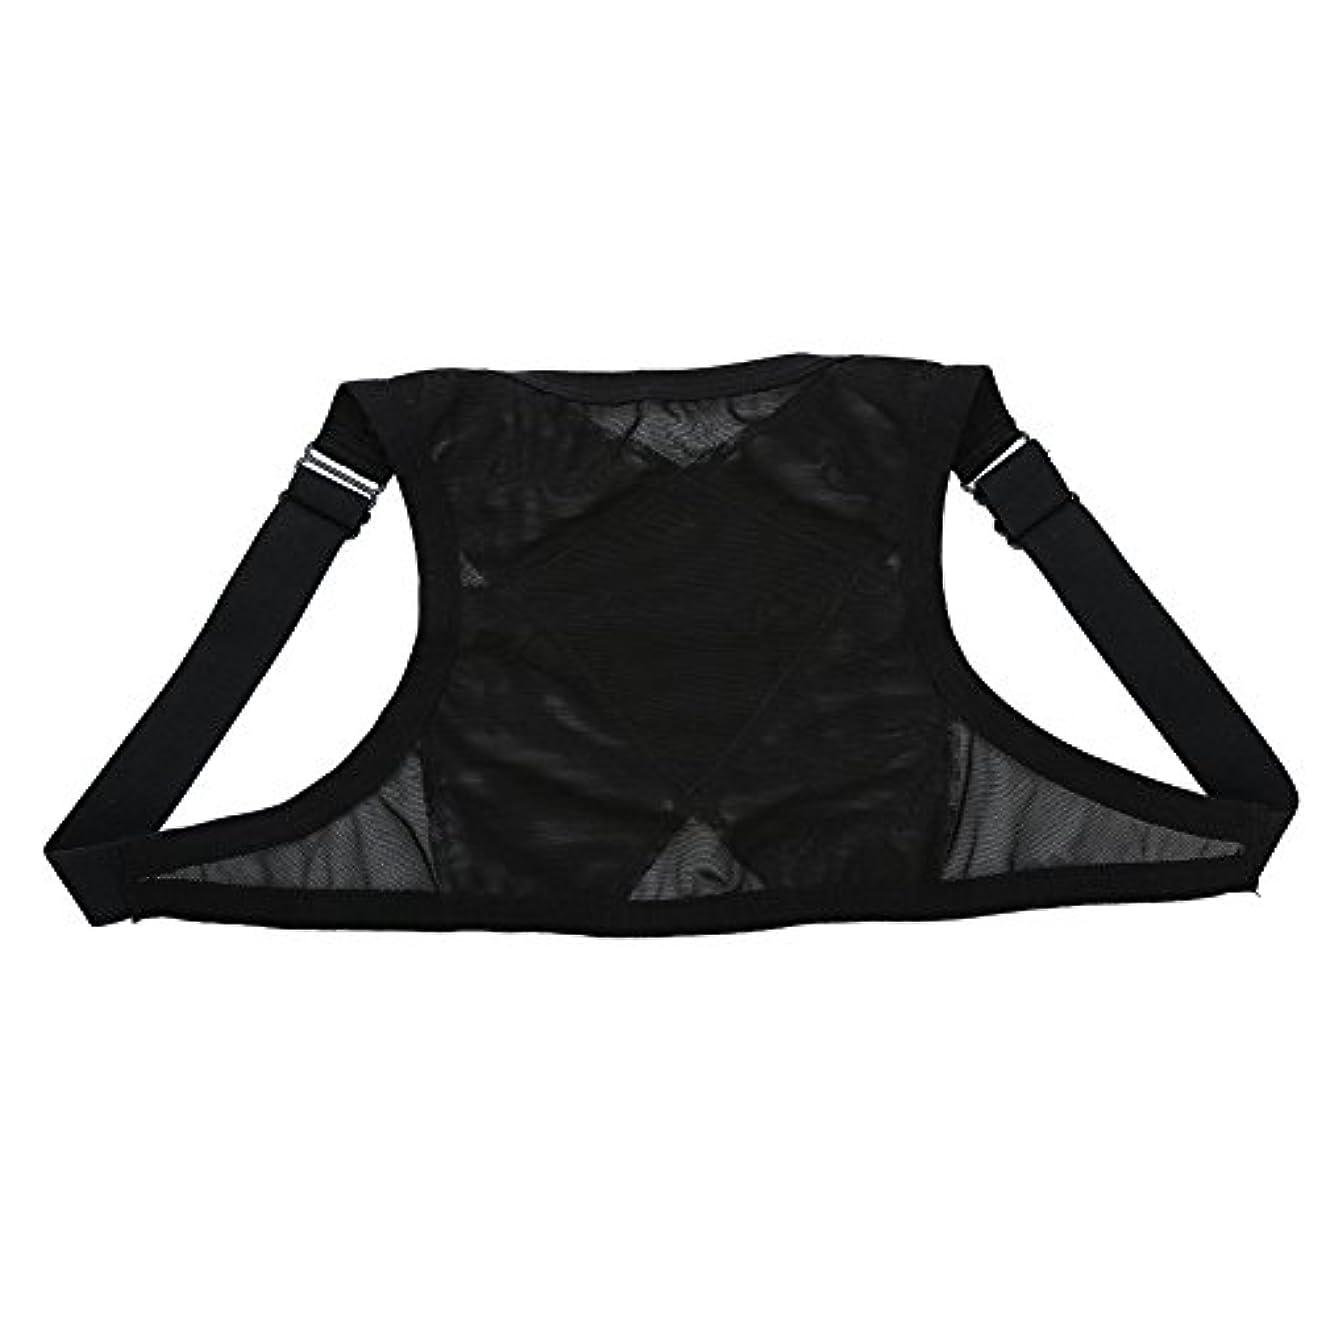 ドナーイヤホン大統領姿勢矯正具、整形外科用矯正具、肩の体位の矯正、整形外科用こぶの軽減のための包帯矯正具、青年用(M)